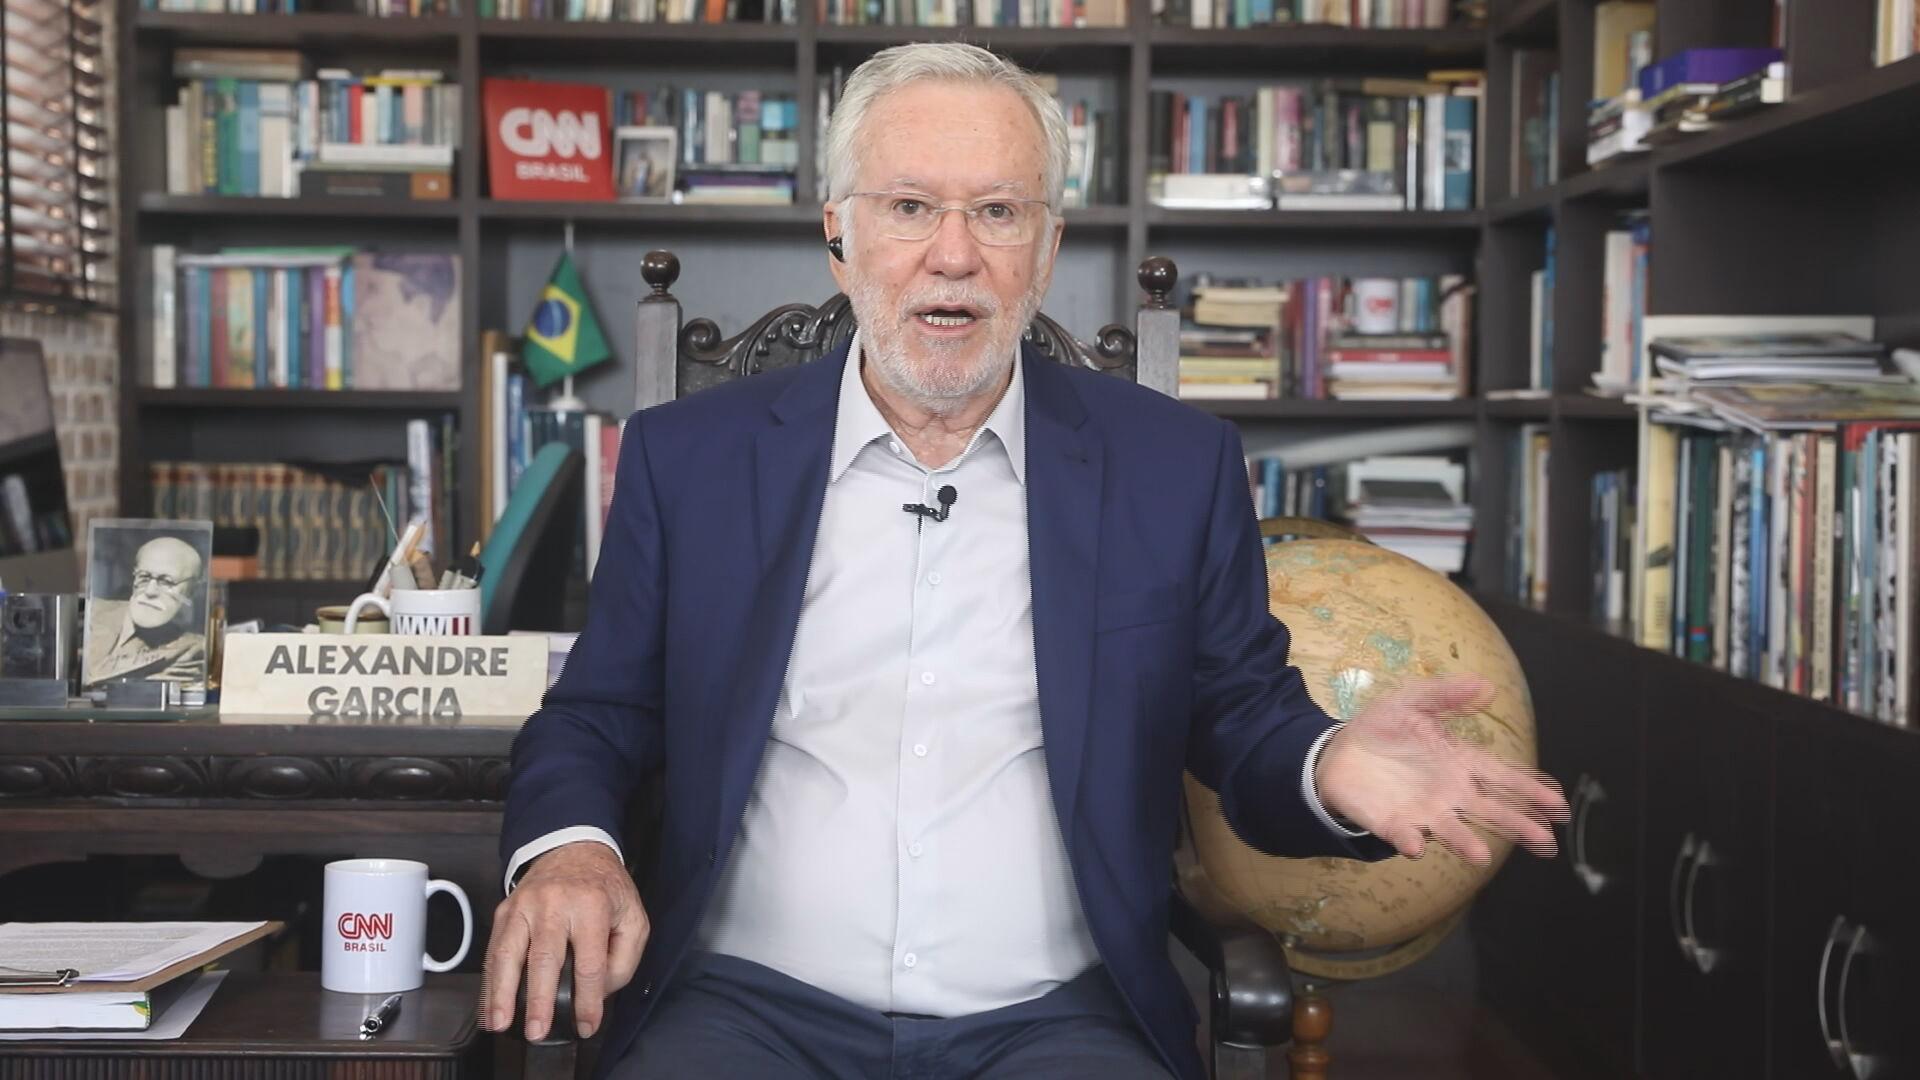 Alexandre Garcia no quadro Liberdade de Opinião (14.jan.2021)